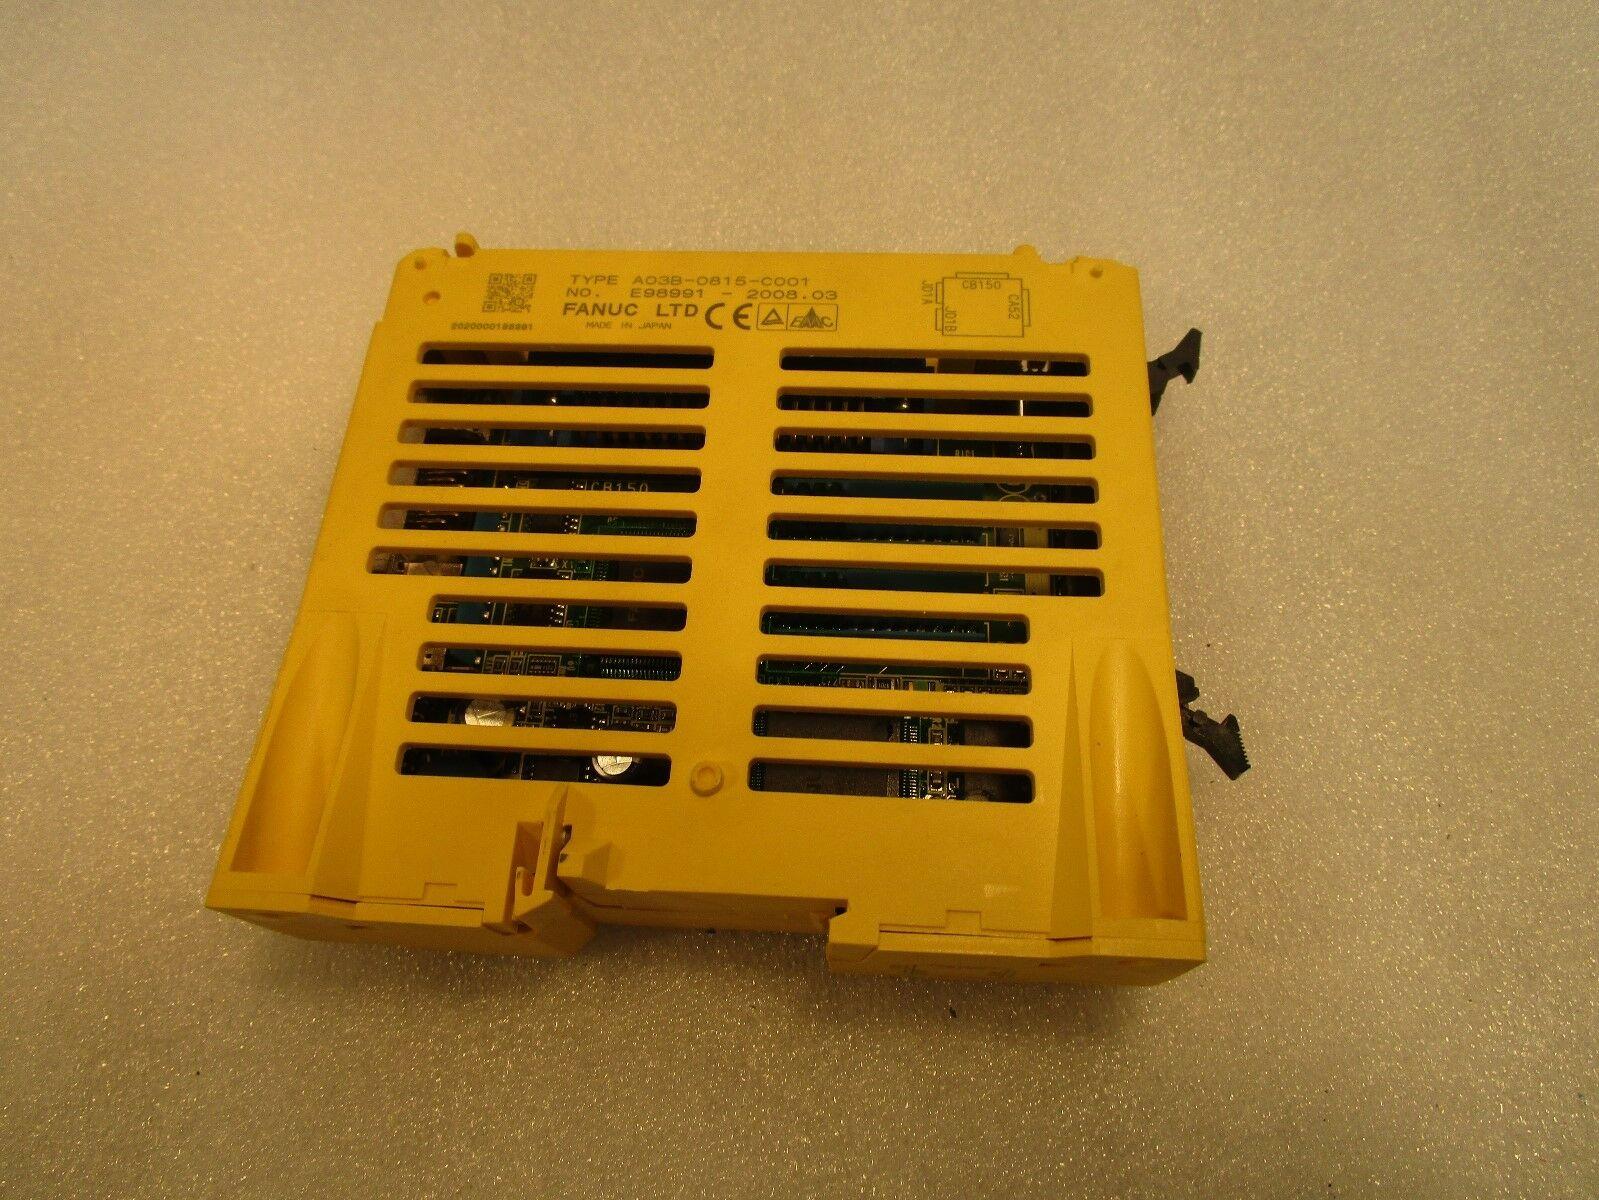 Fanuc I/O module A03B-0815-0001